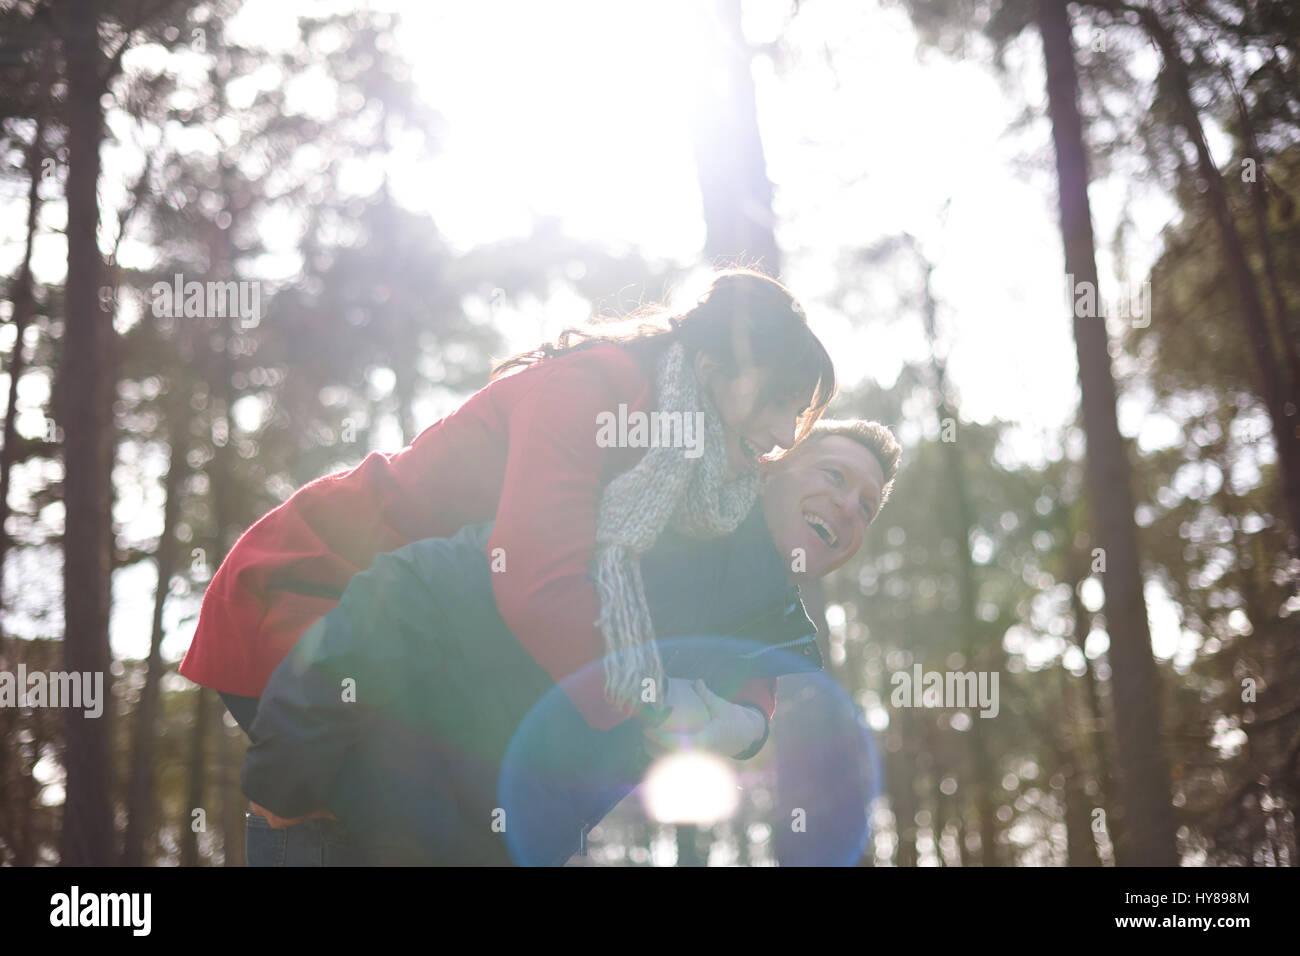 Un homme donne sa partenaire féminine un piggy back sur une promenade n les bois Photo Stock